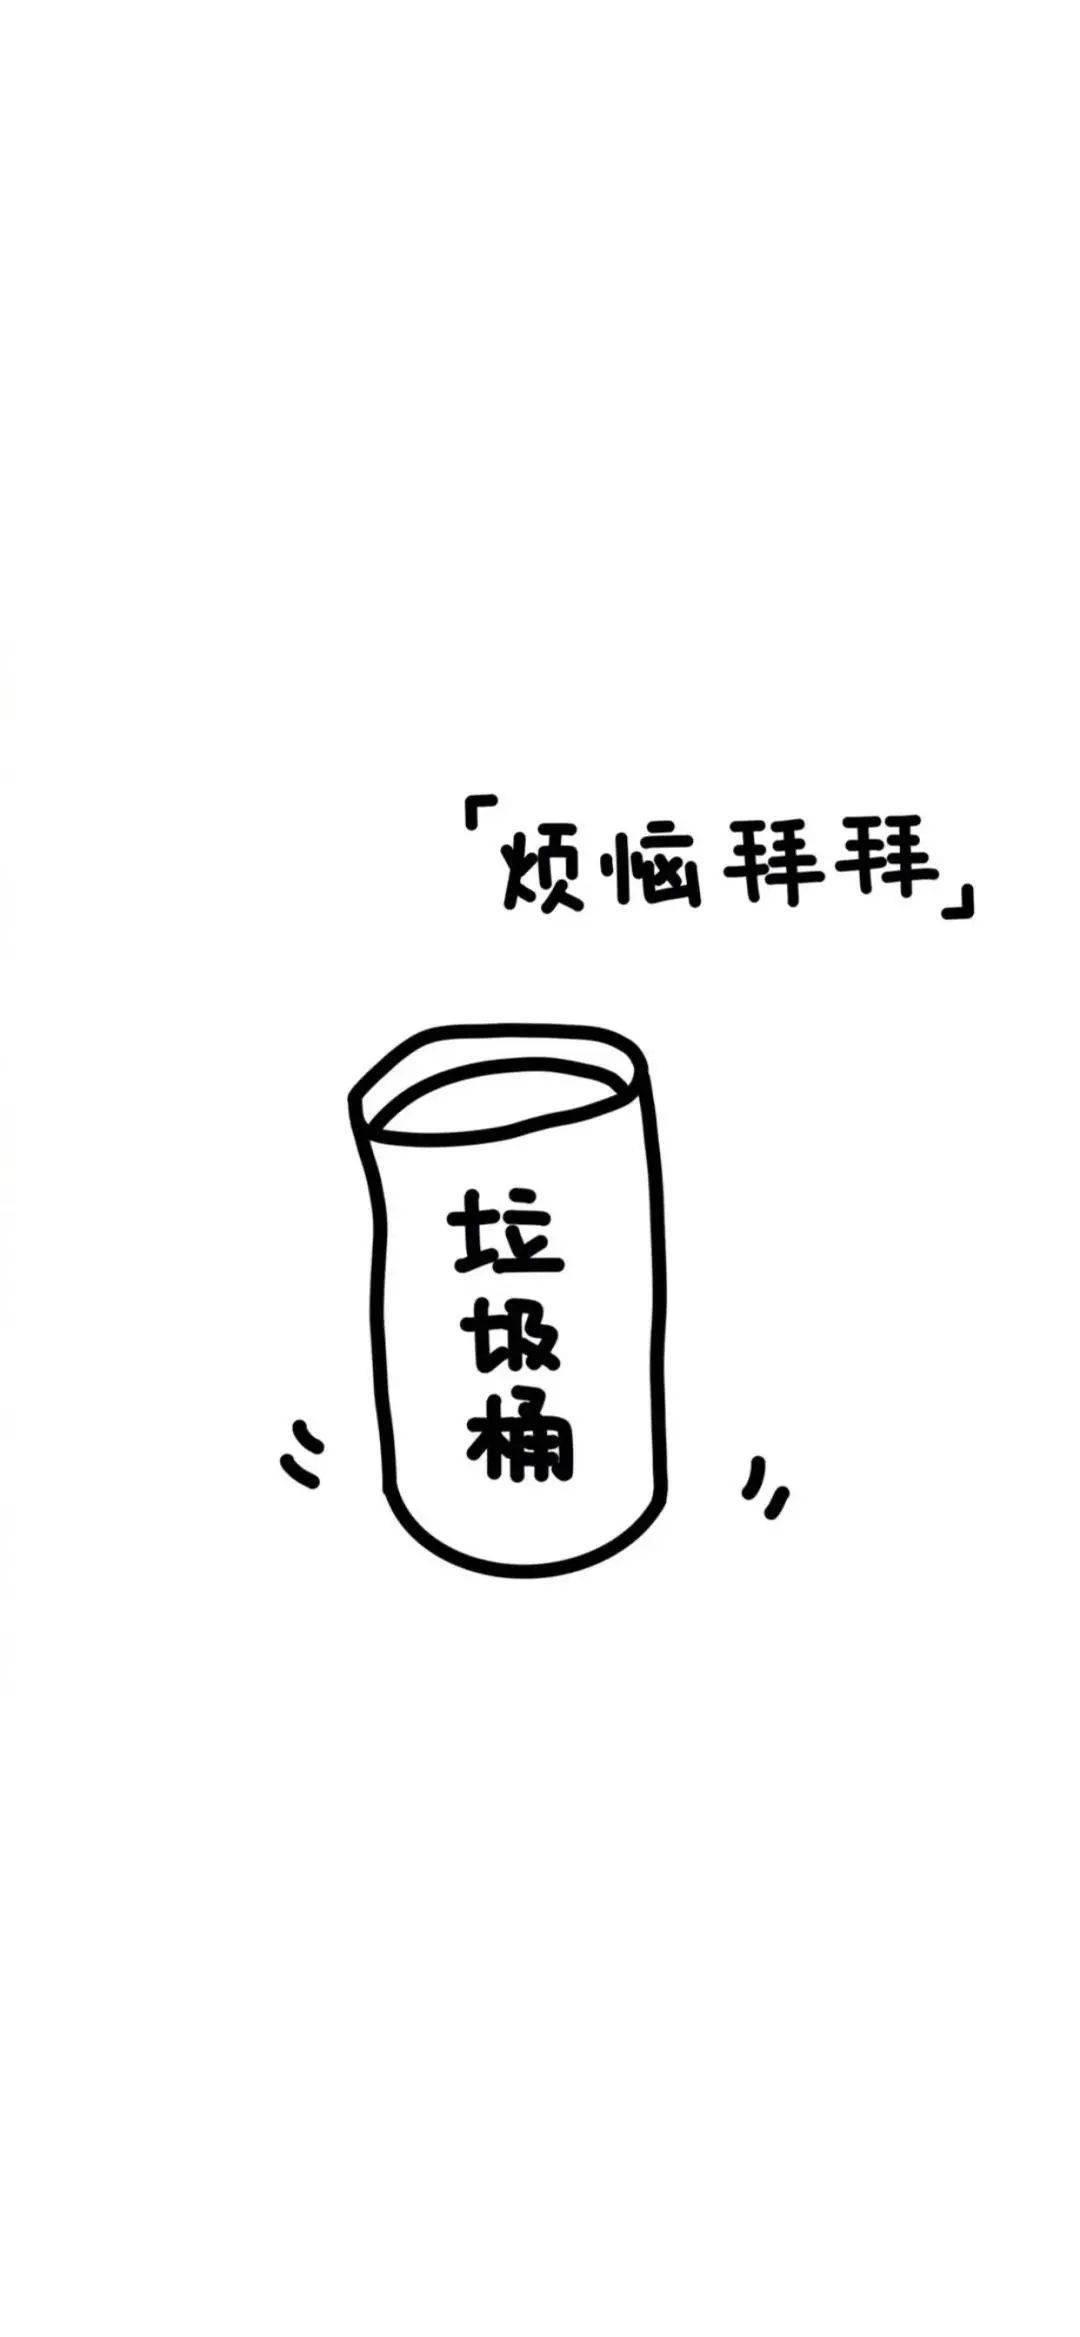 形容快乐的古汉语说法,也可以是现在的说法,最好给... _答案网